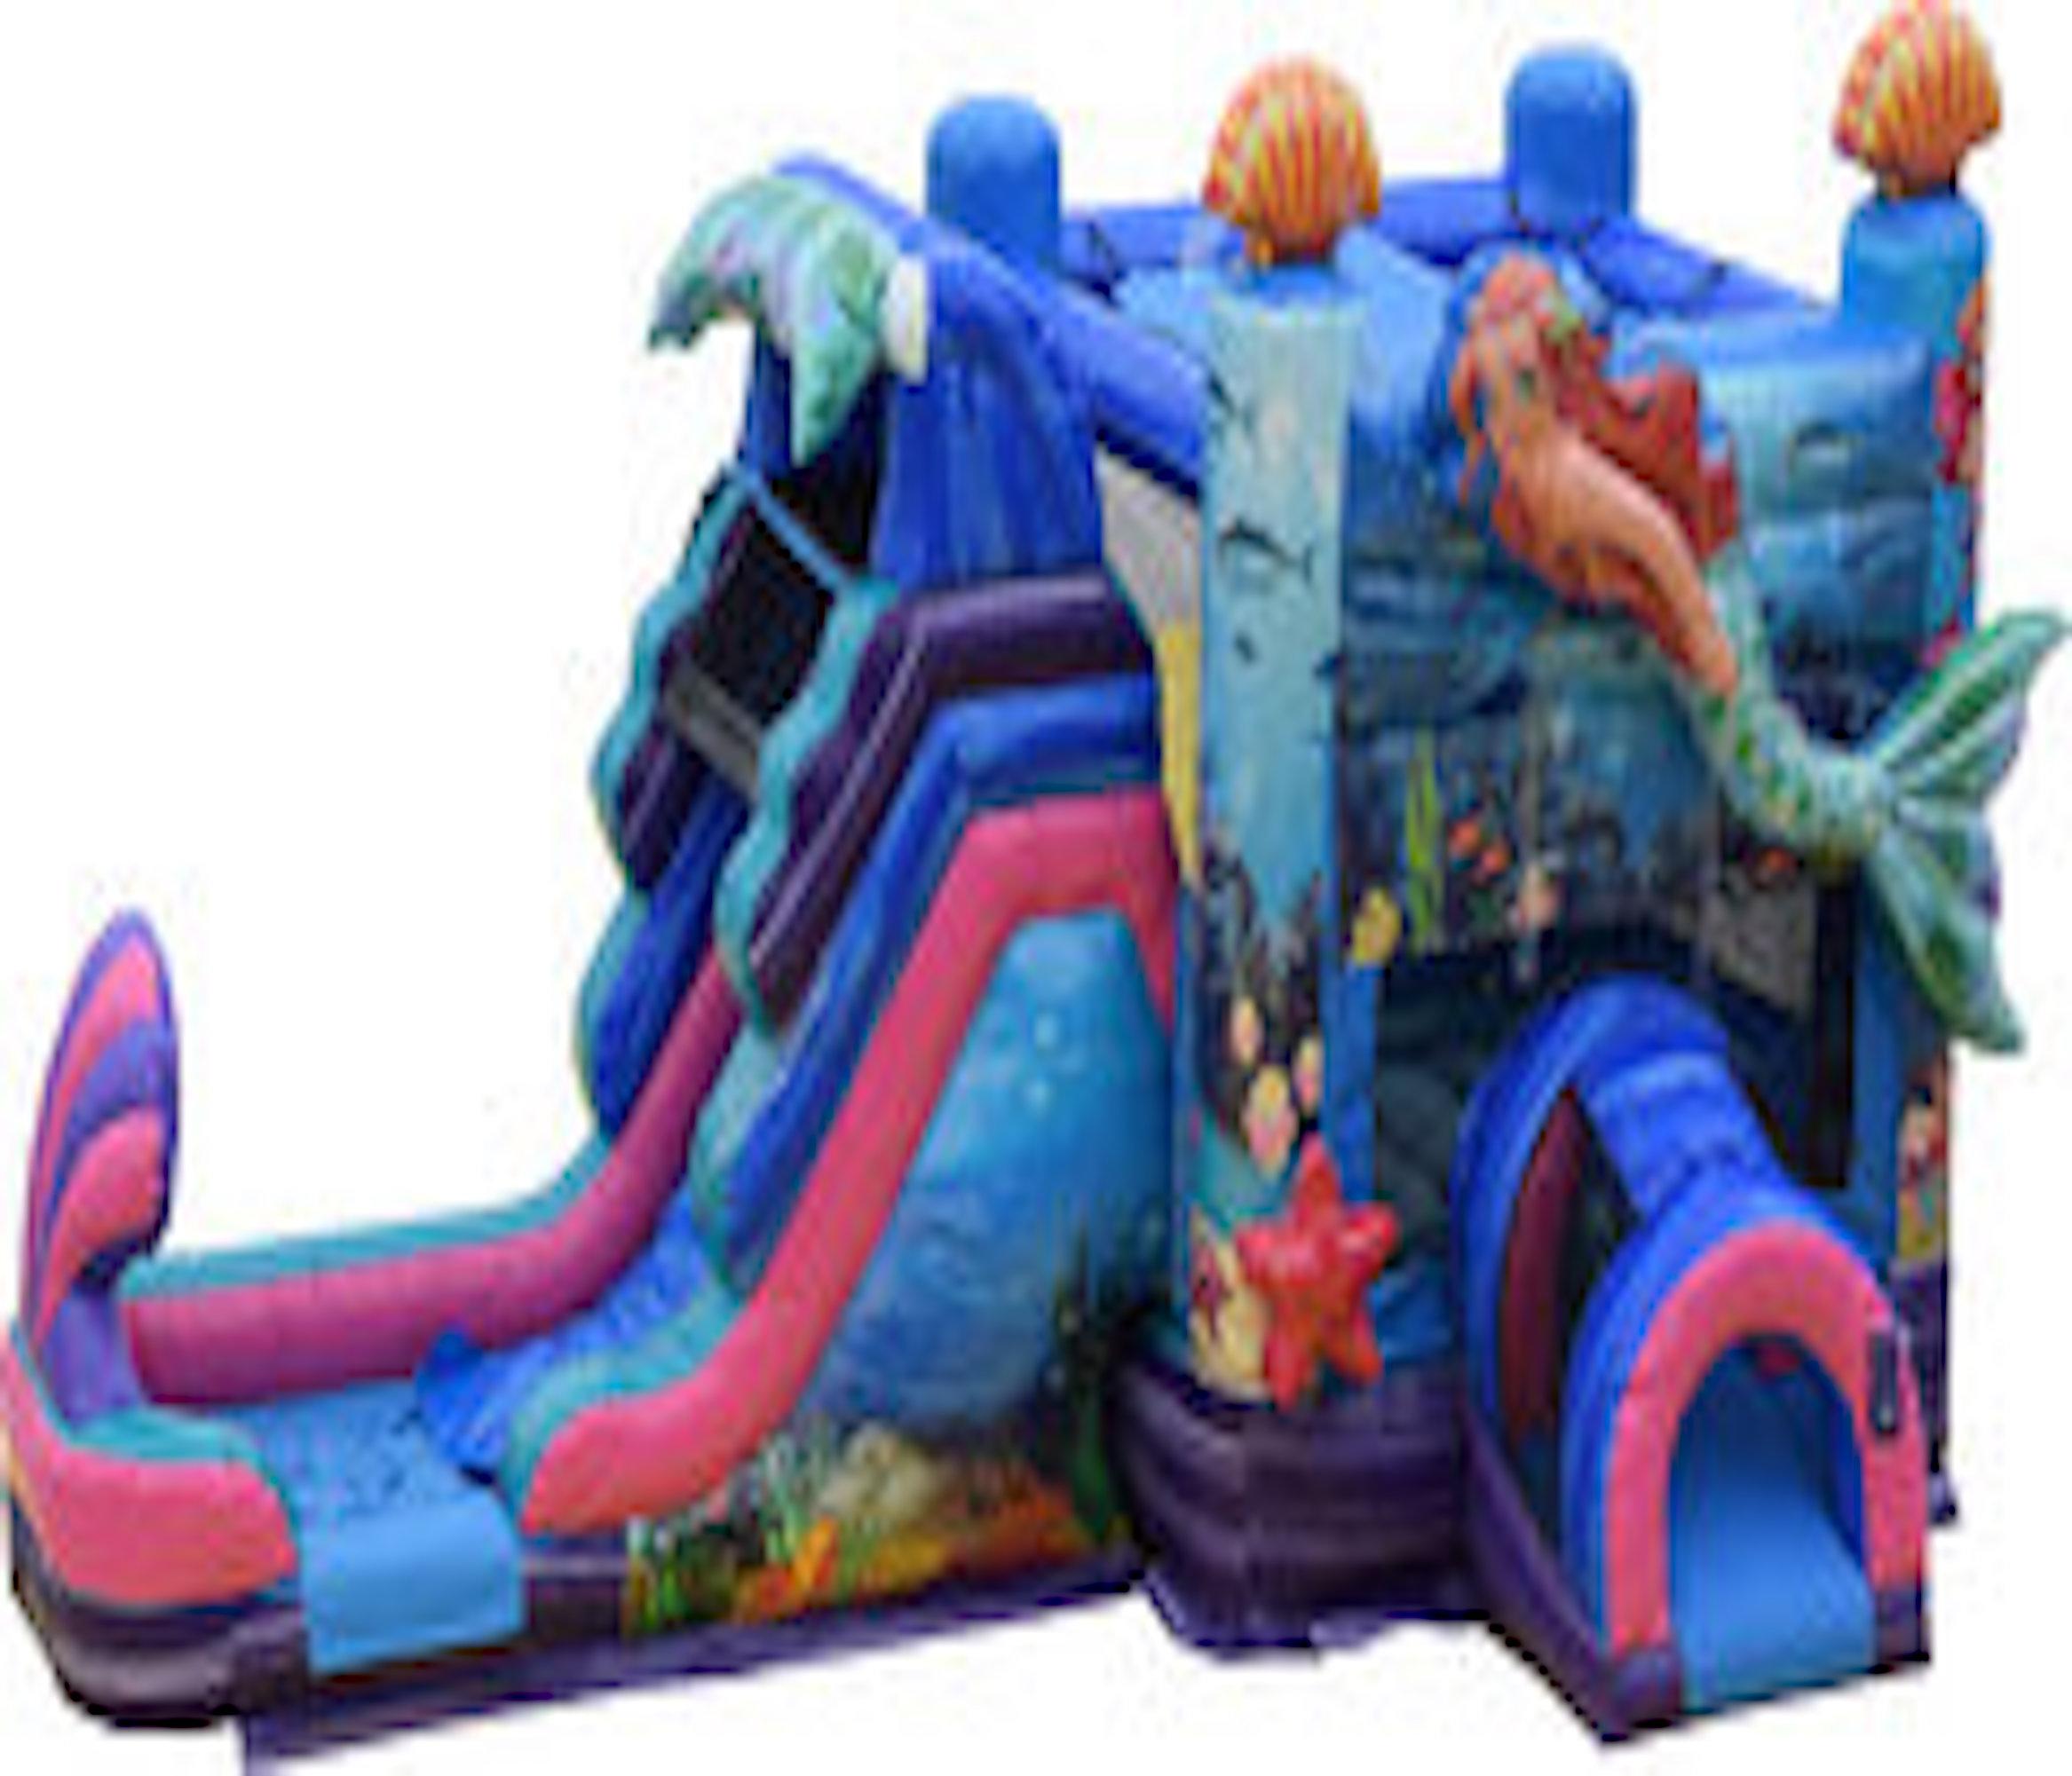 mermaid bounce house combo slide